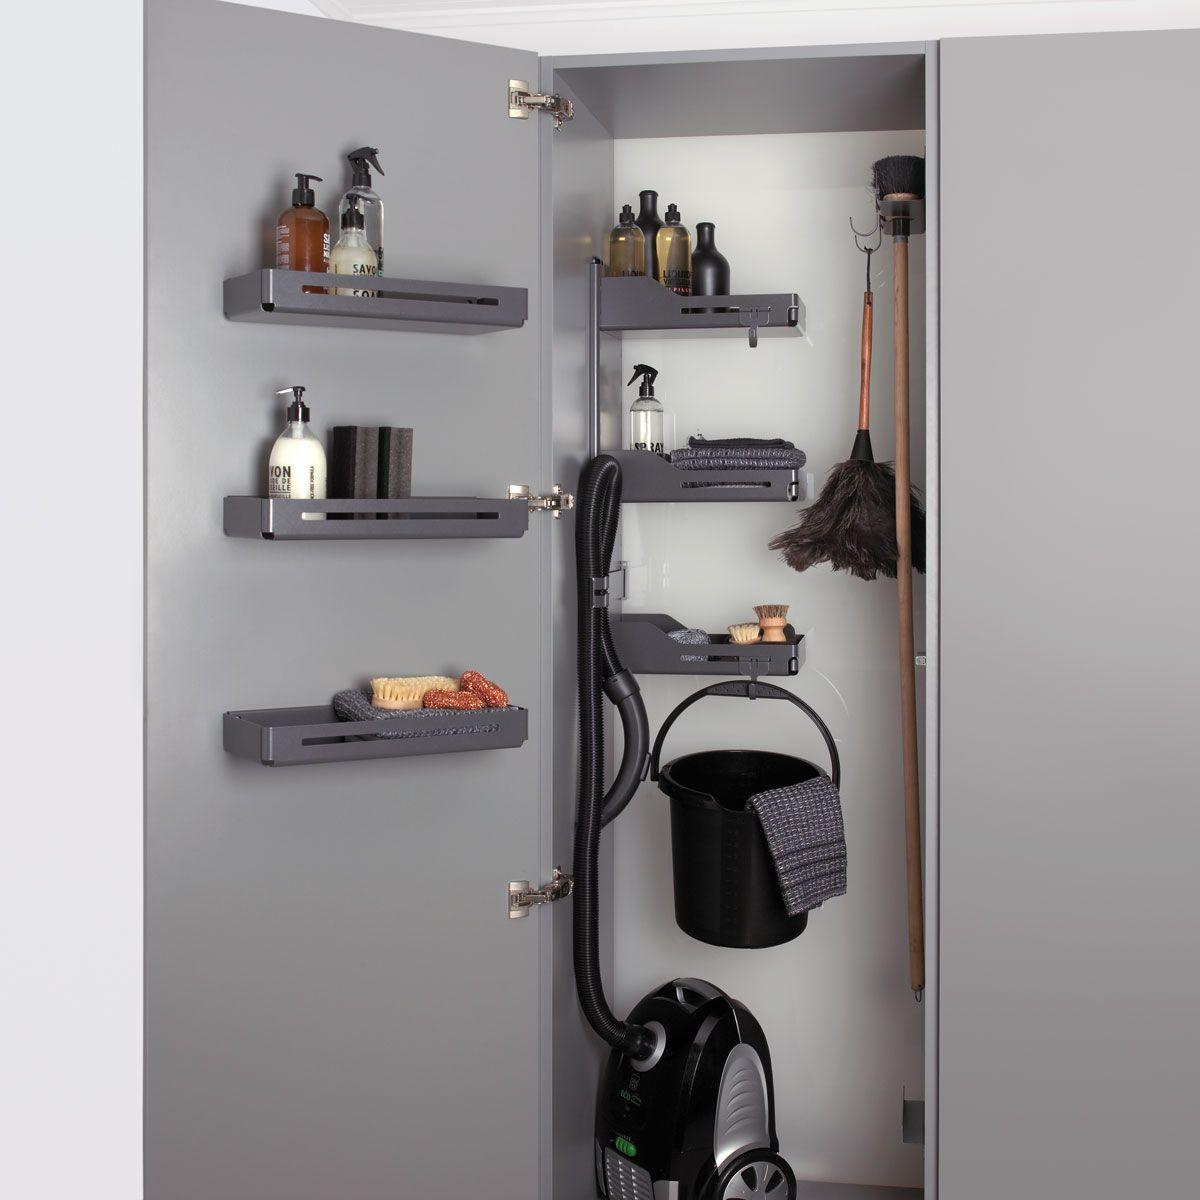 Schmaler Universalschrank Minimalistisch Wohnen Schlafzimmer Ideen Minimalistisch Haus Deko